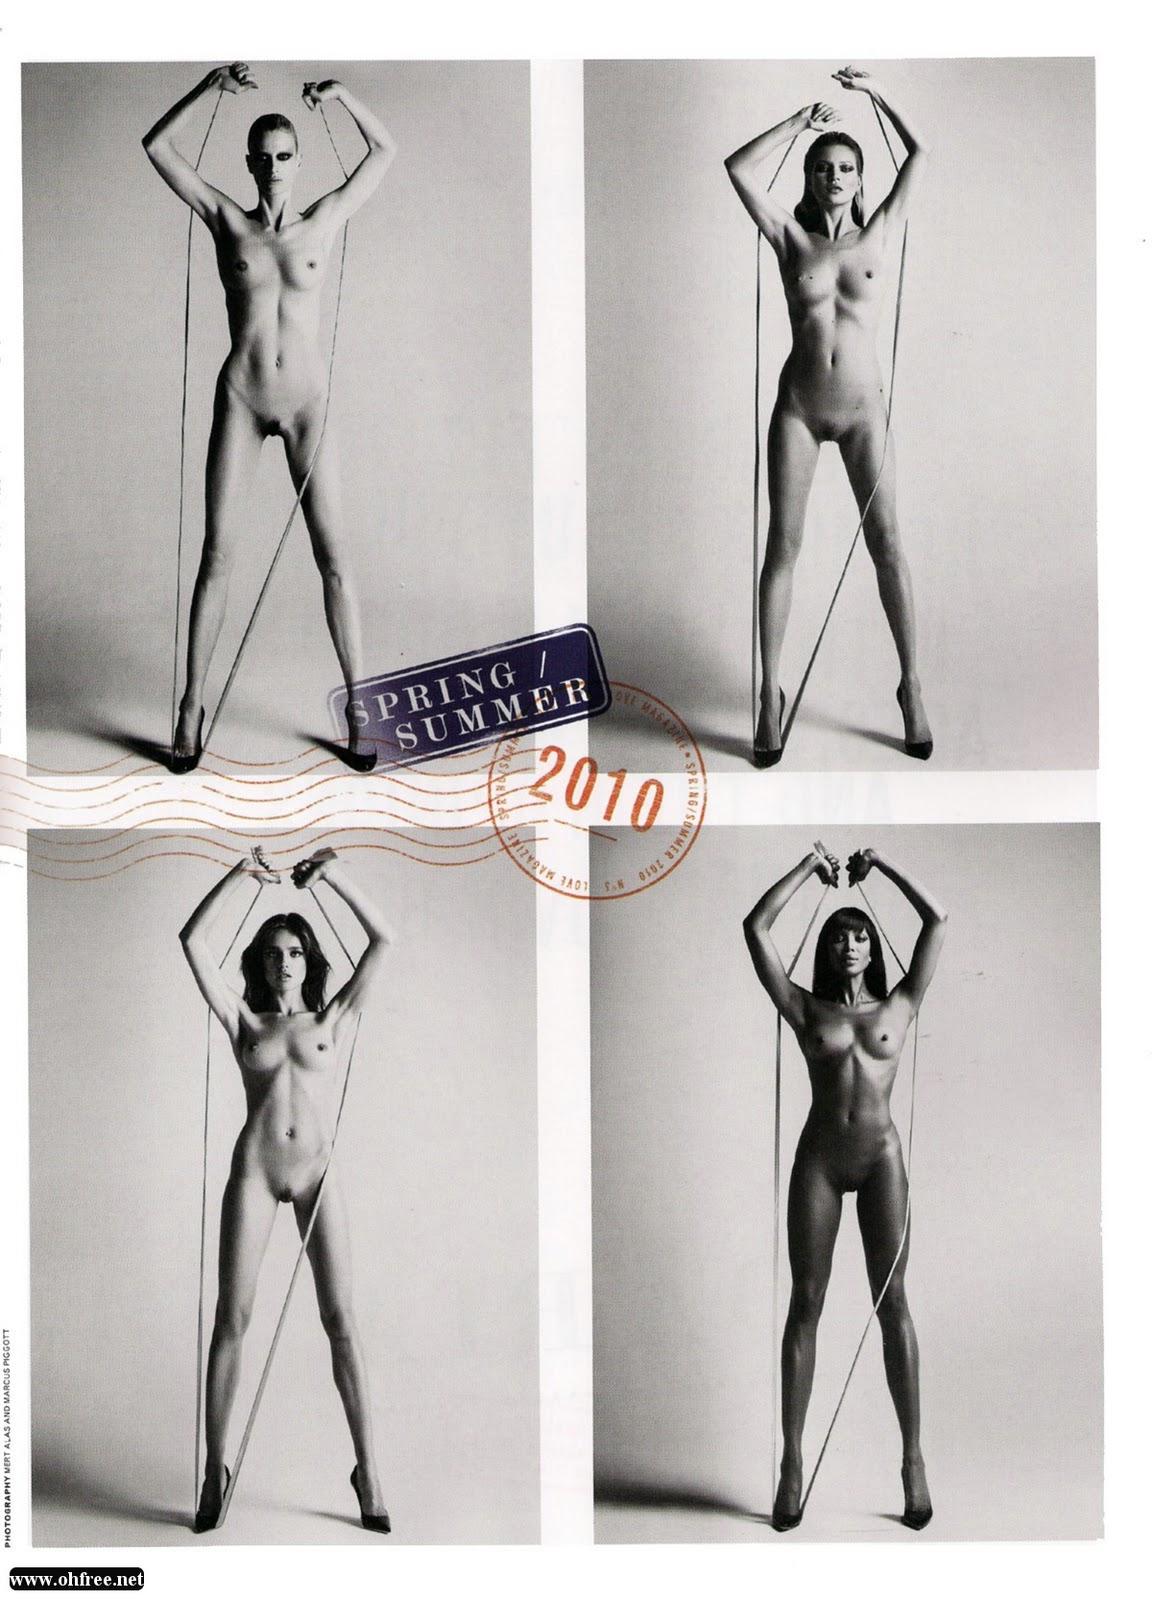 http://3.bp.blogspot.com/-MTGtcgmSw9w/TVRk0cyjc3I/AAAAAAAAEp8/NxDBlOse6ho/s1600/love-nude-02.jpg